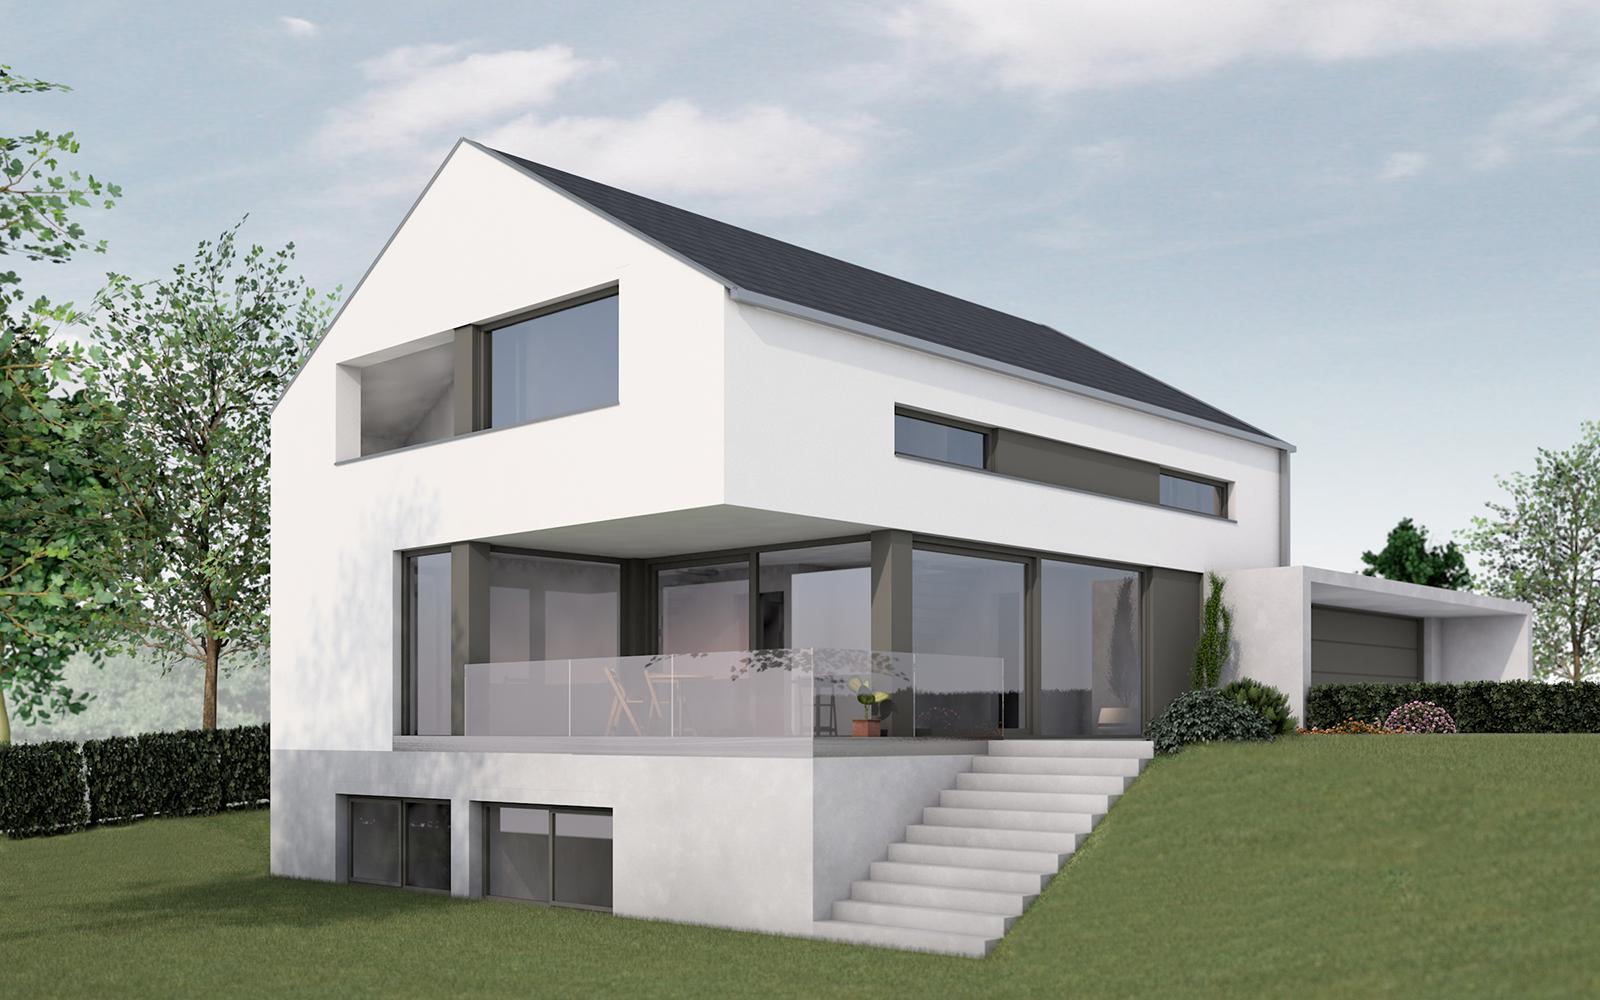 Home for Einfamilienhaus modelle